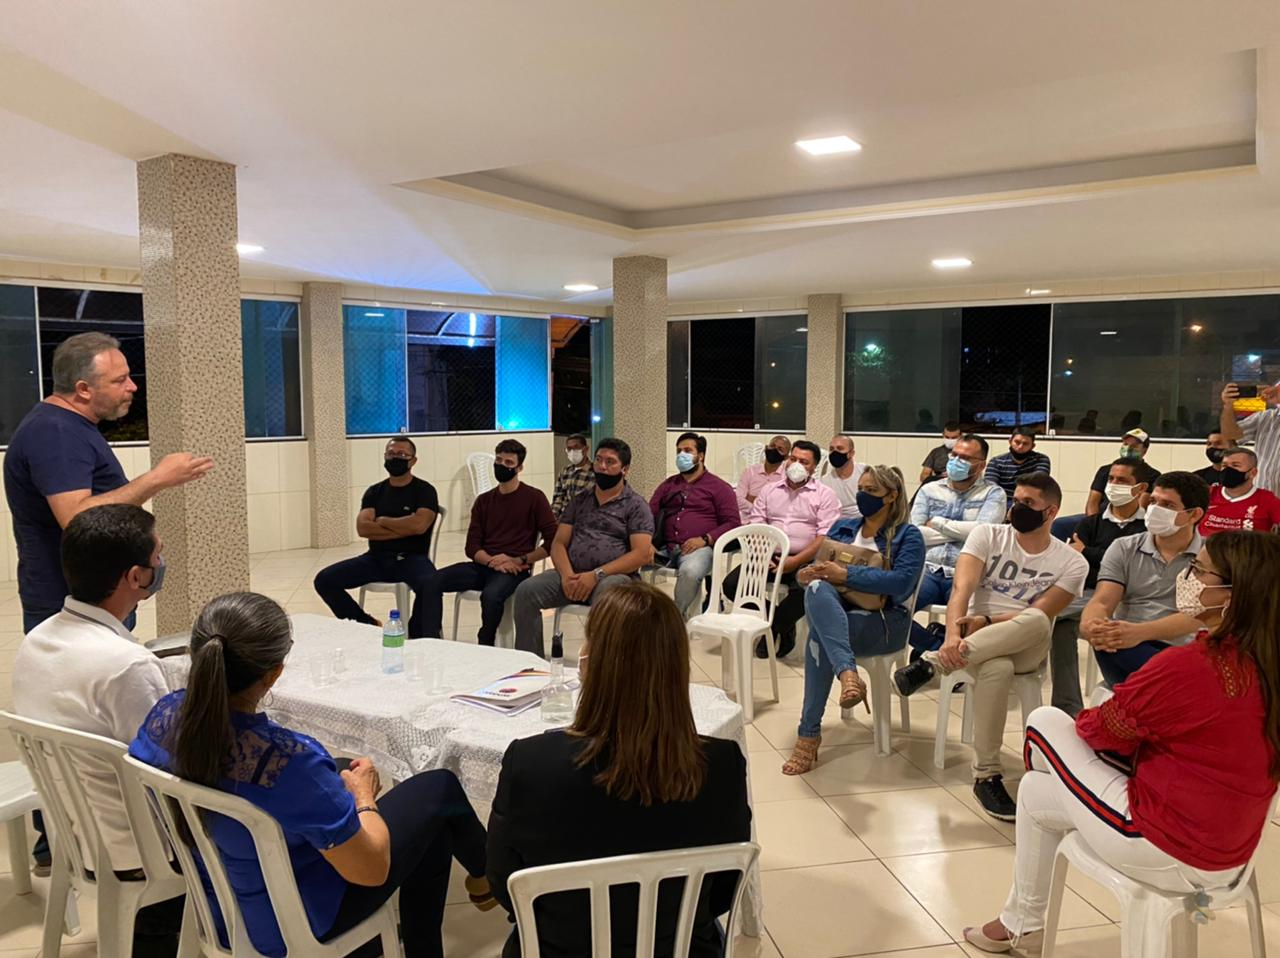 WhatsApp Image 2021 07 30 at 08.49.47 3 - Grupo de filiados ao Podemos de Campina Grande se reúne para definir rumos e estratégias futuras